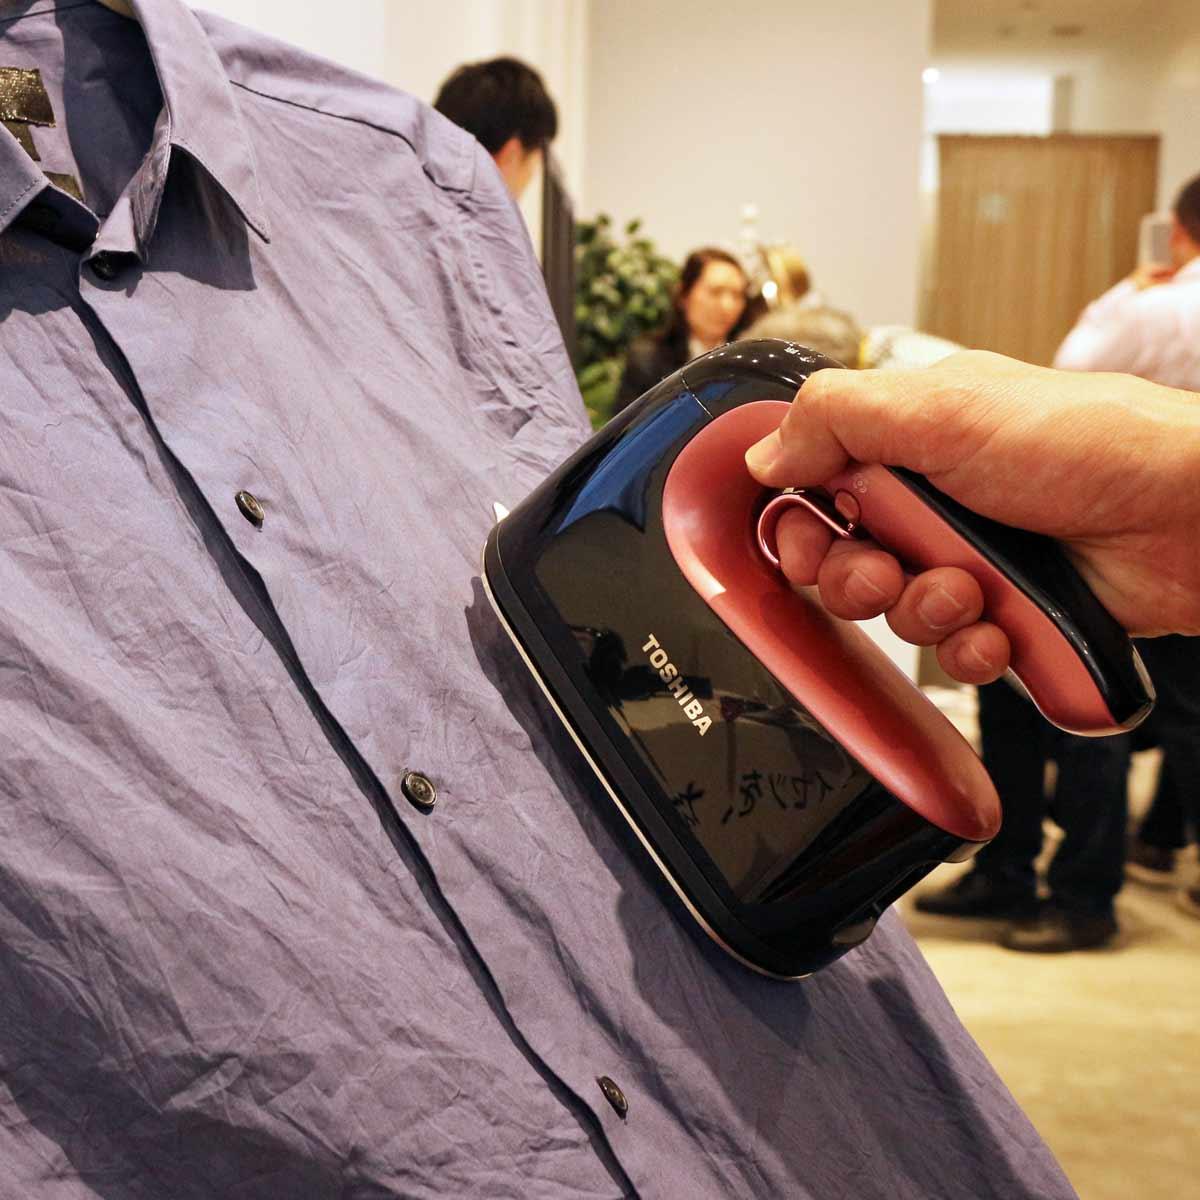 コードレスタイプの衣類スチーマーも進化!すべりやスチームの広がりが向上した東芝「La・Coo s」